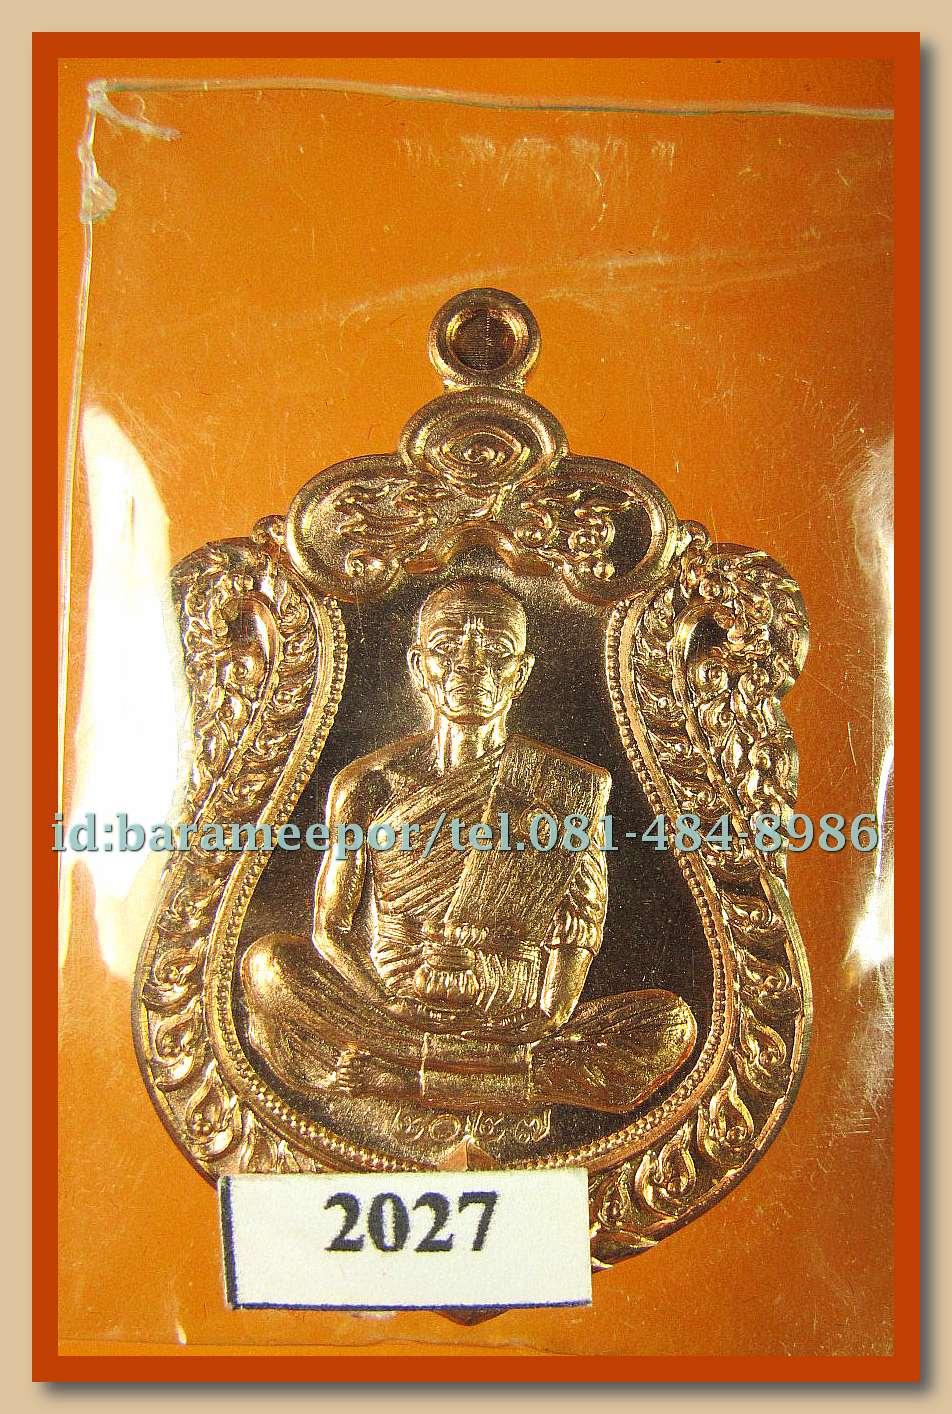 หลวงพ่อคูณ รุ่นปาฏิหาริย์ EOD เหรียญเสมา พิมพ์เต็มองค์ เนื้อทองแดงผิวไฟ หูตัน หมายเลข ๒๐๒๗